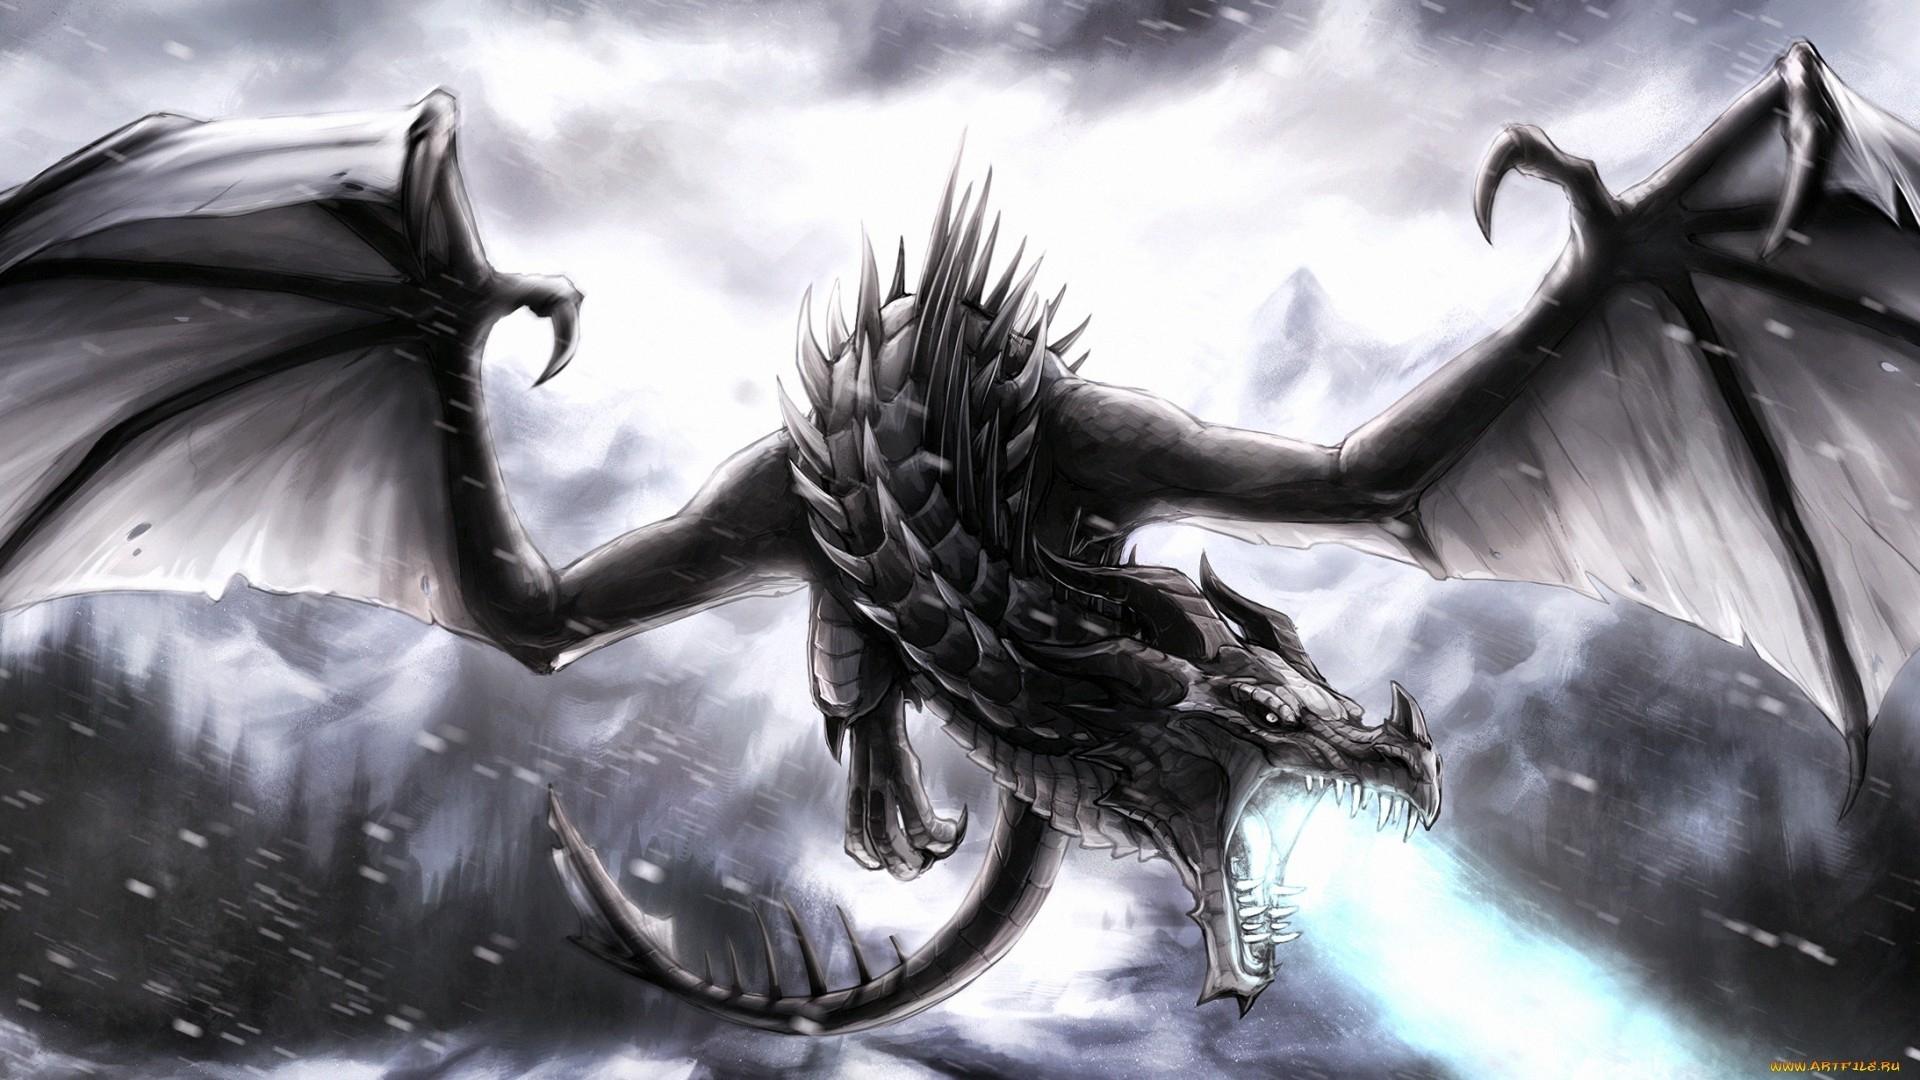 black-dragon ! full hd fond d'écran and arrière-plan | 1920x1080